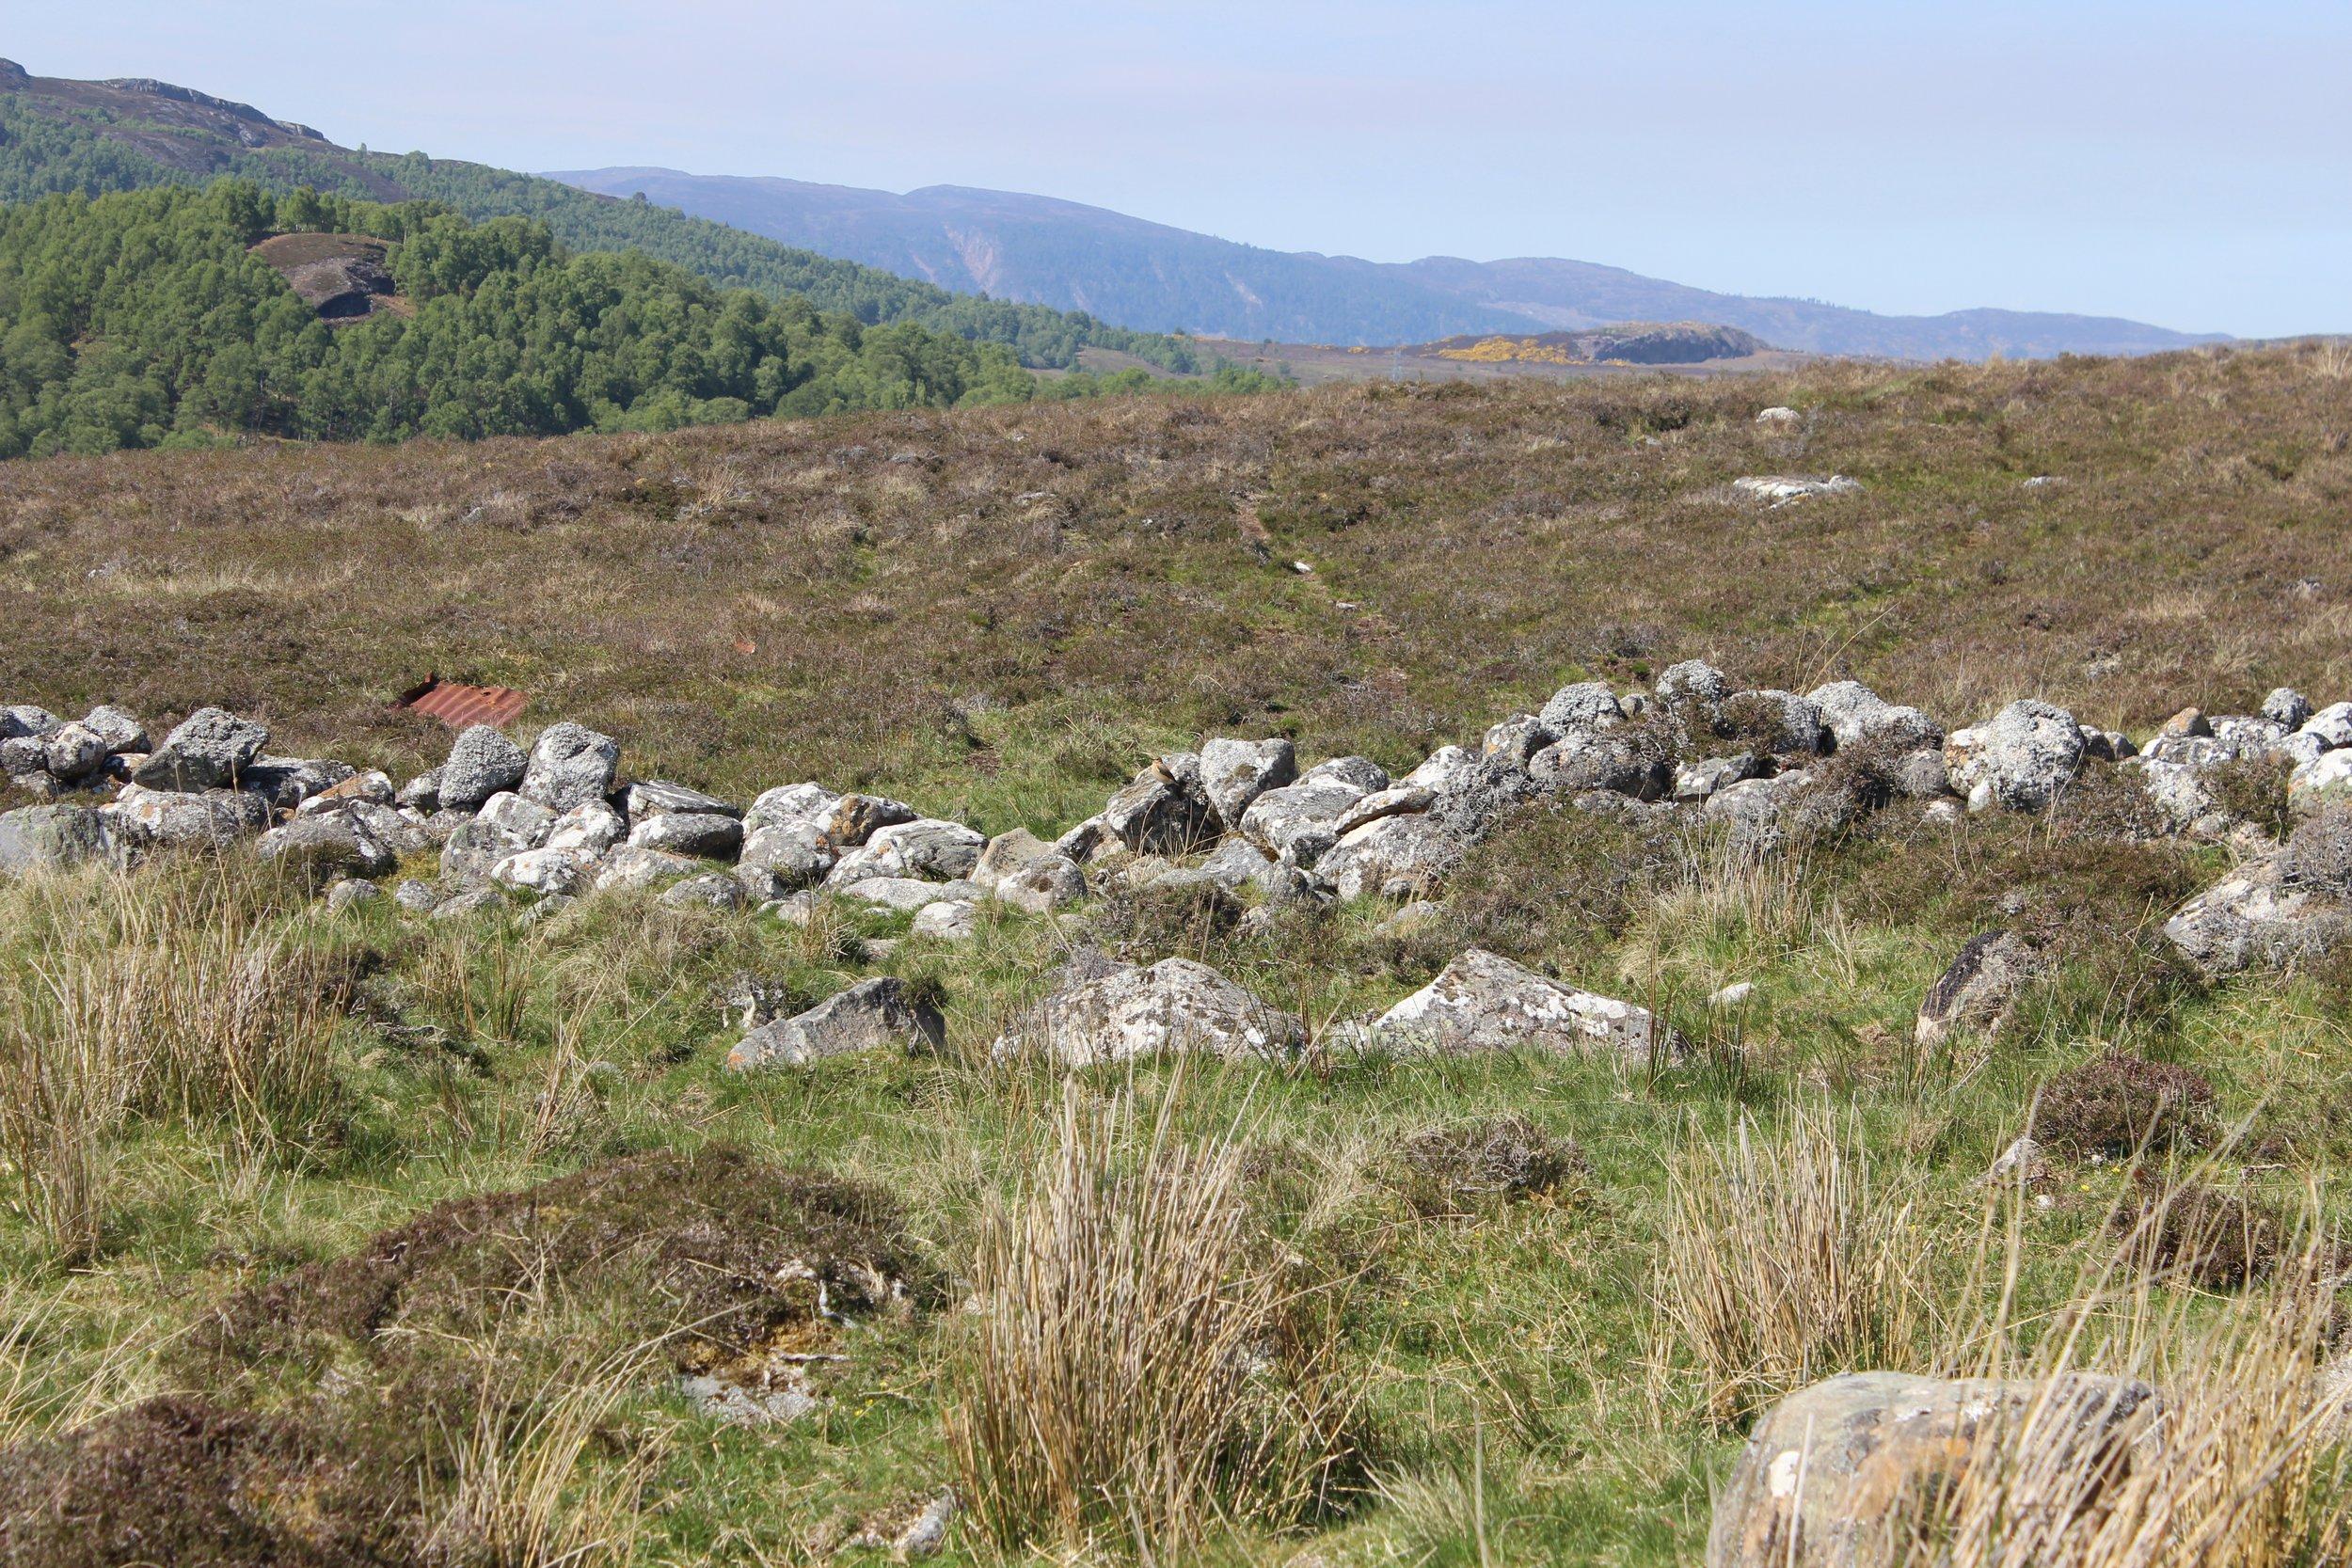 clacharan na shuidh air clach - an lorg thu e? / wheatear - can you spot it?